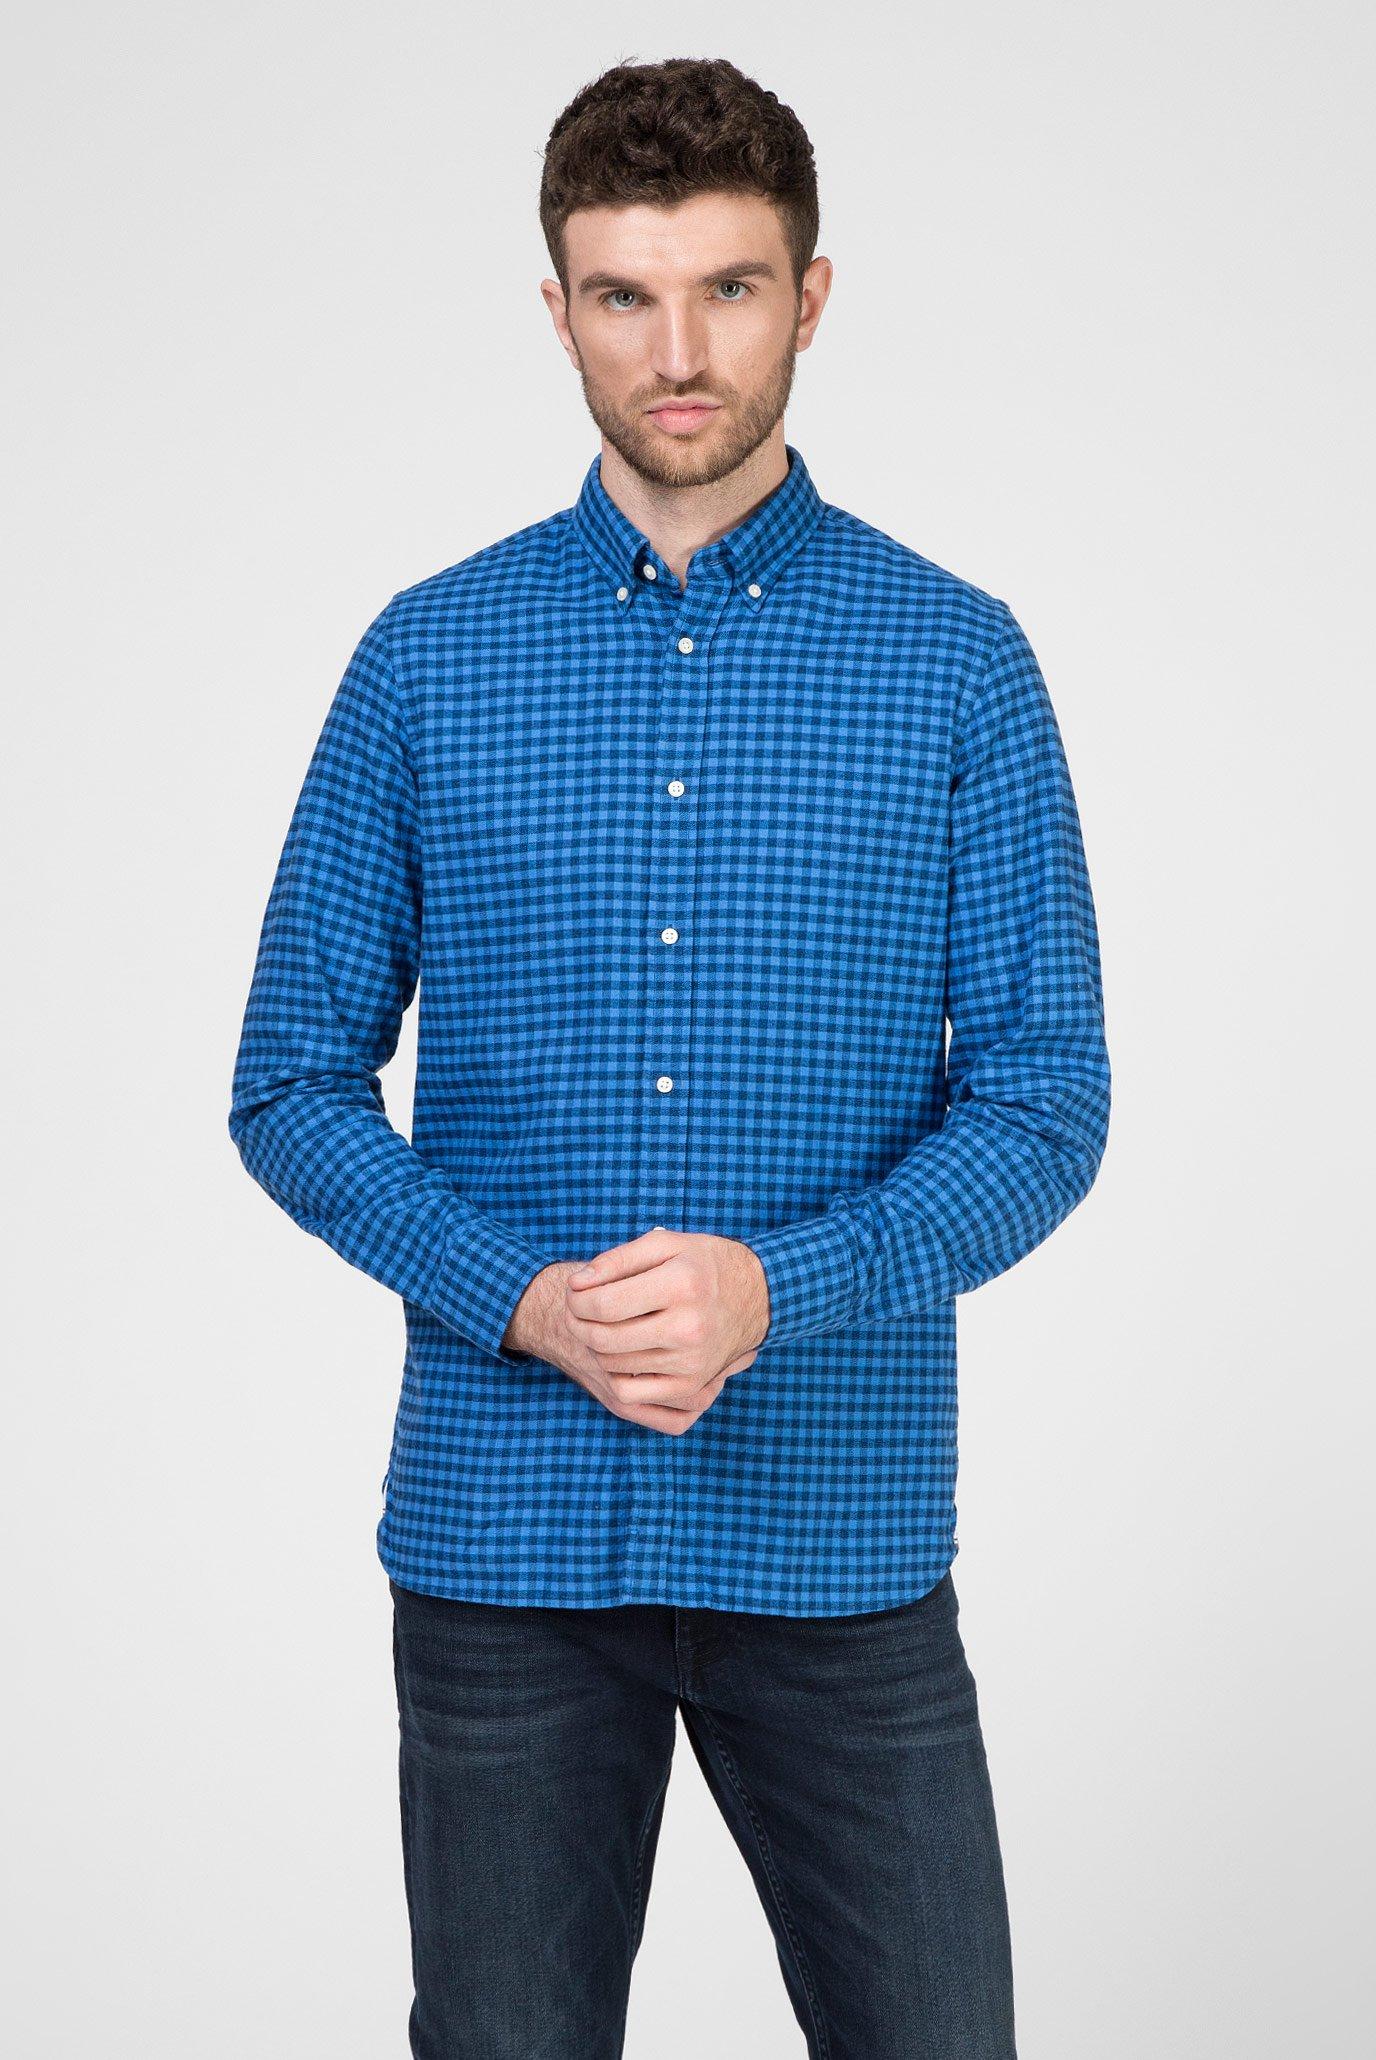 Чоловіча синя сорочка у клітинку SLIM GLOBAL STRIPE GINGHAM 1